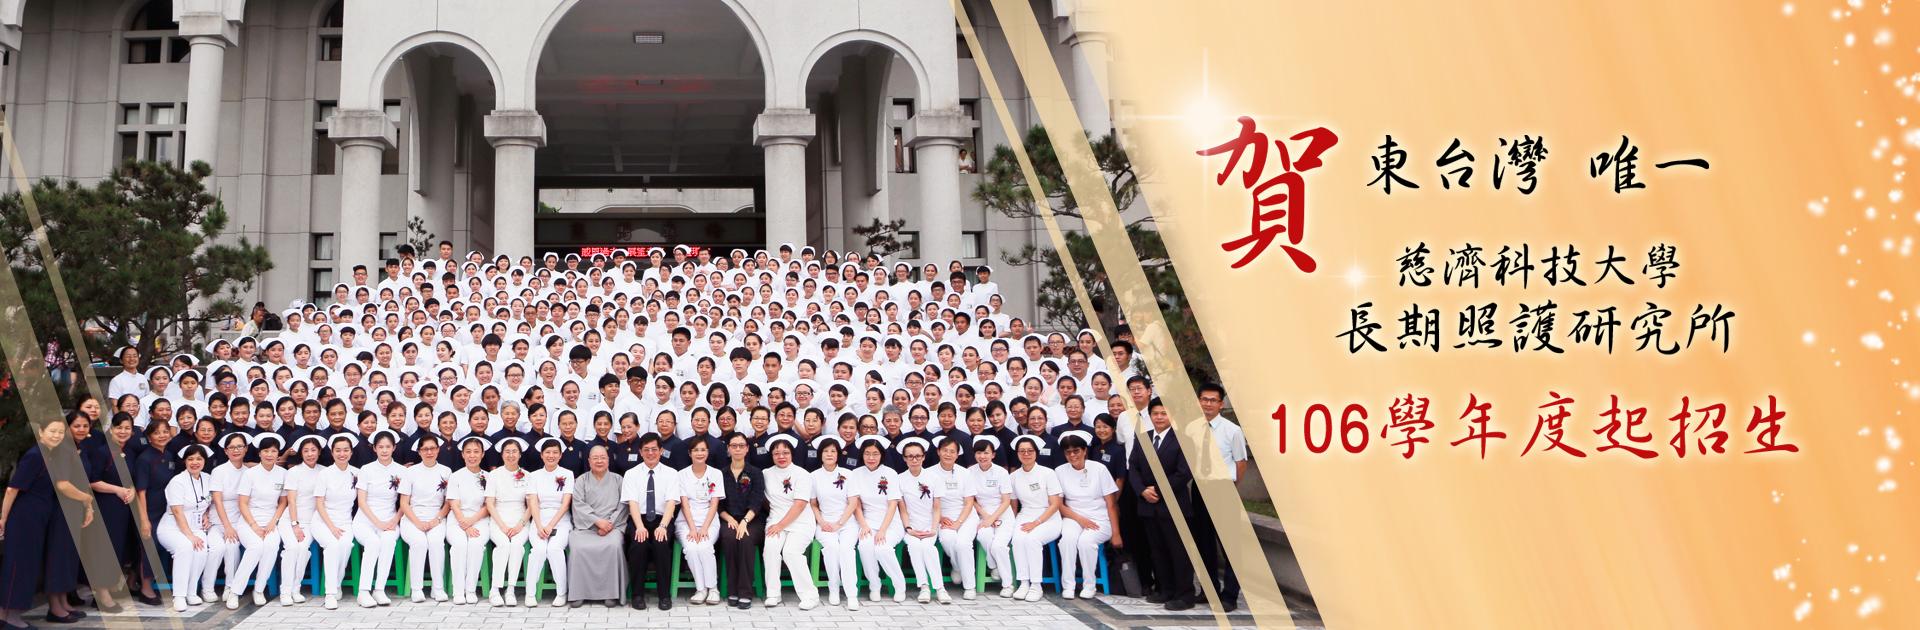 護理系長照所106學年度開始招生